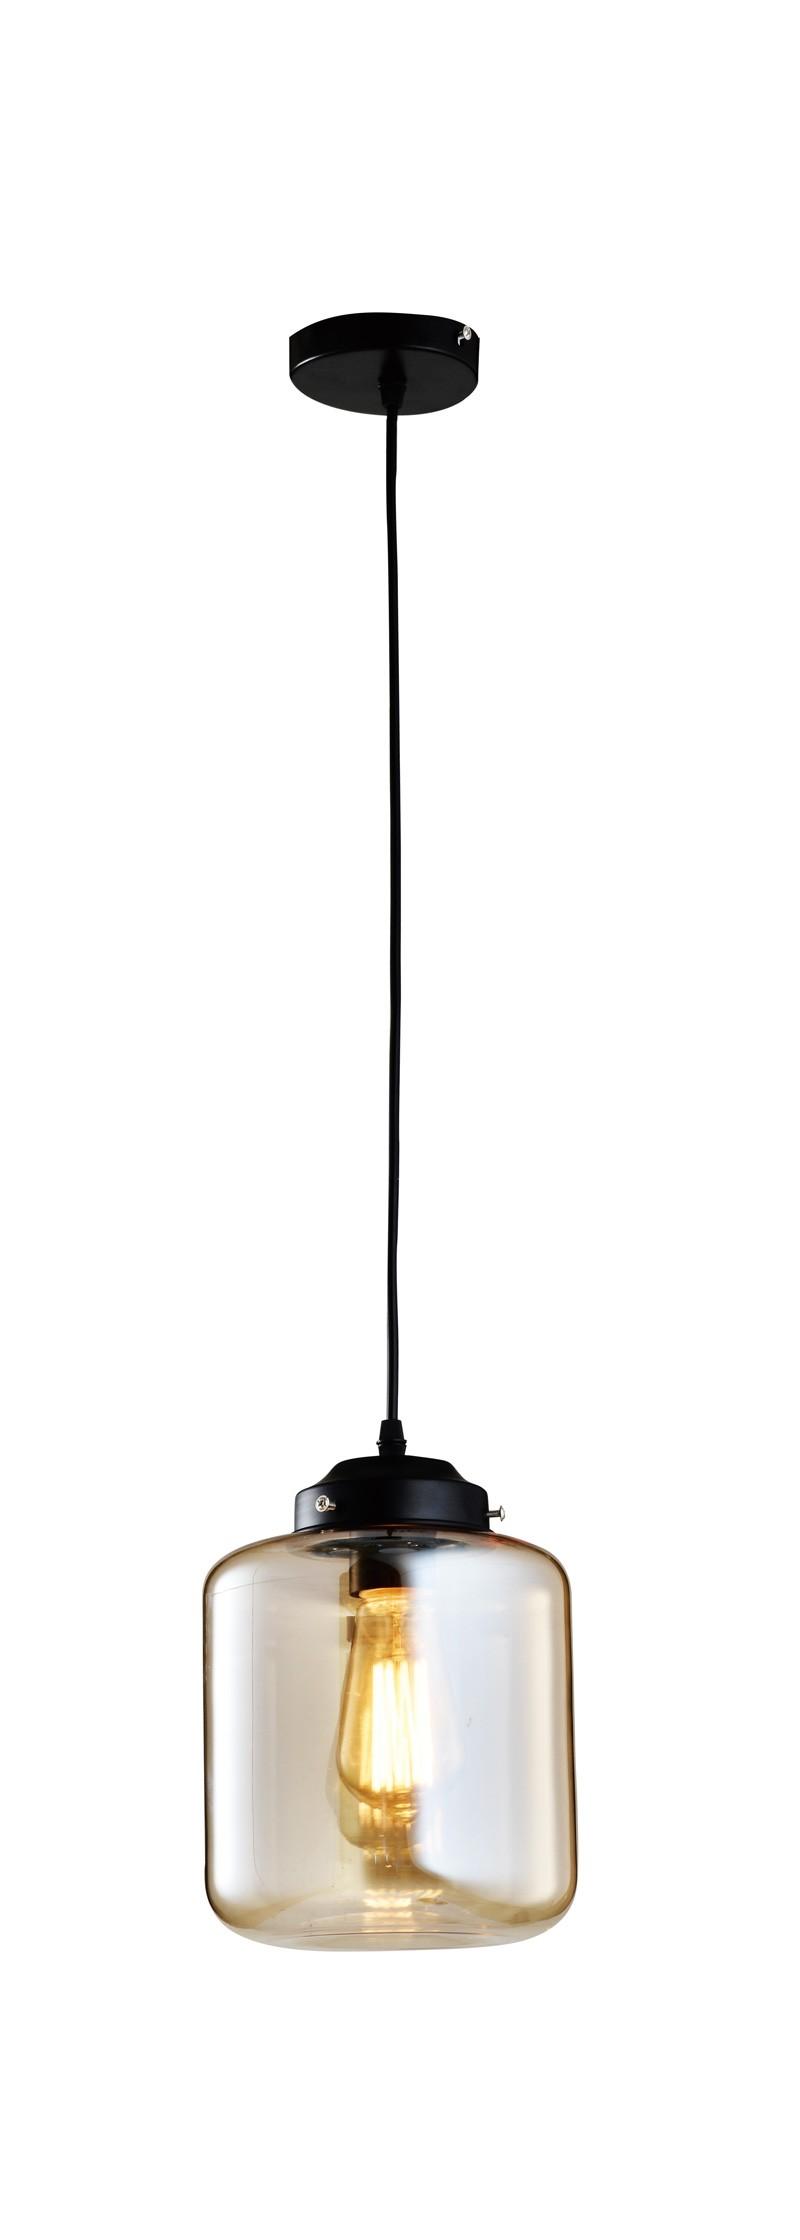 Pendente de Vidro com 1 Lâmpada de Filamento Retro Thomas Edison Baleiro - 220v